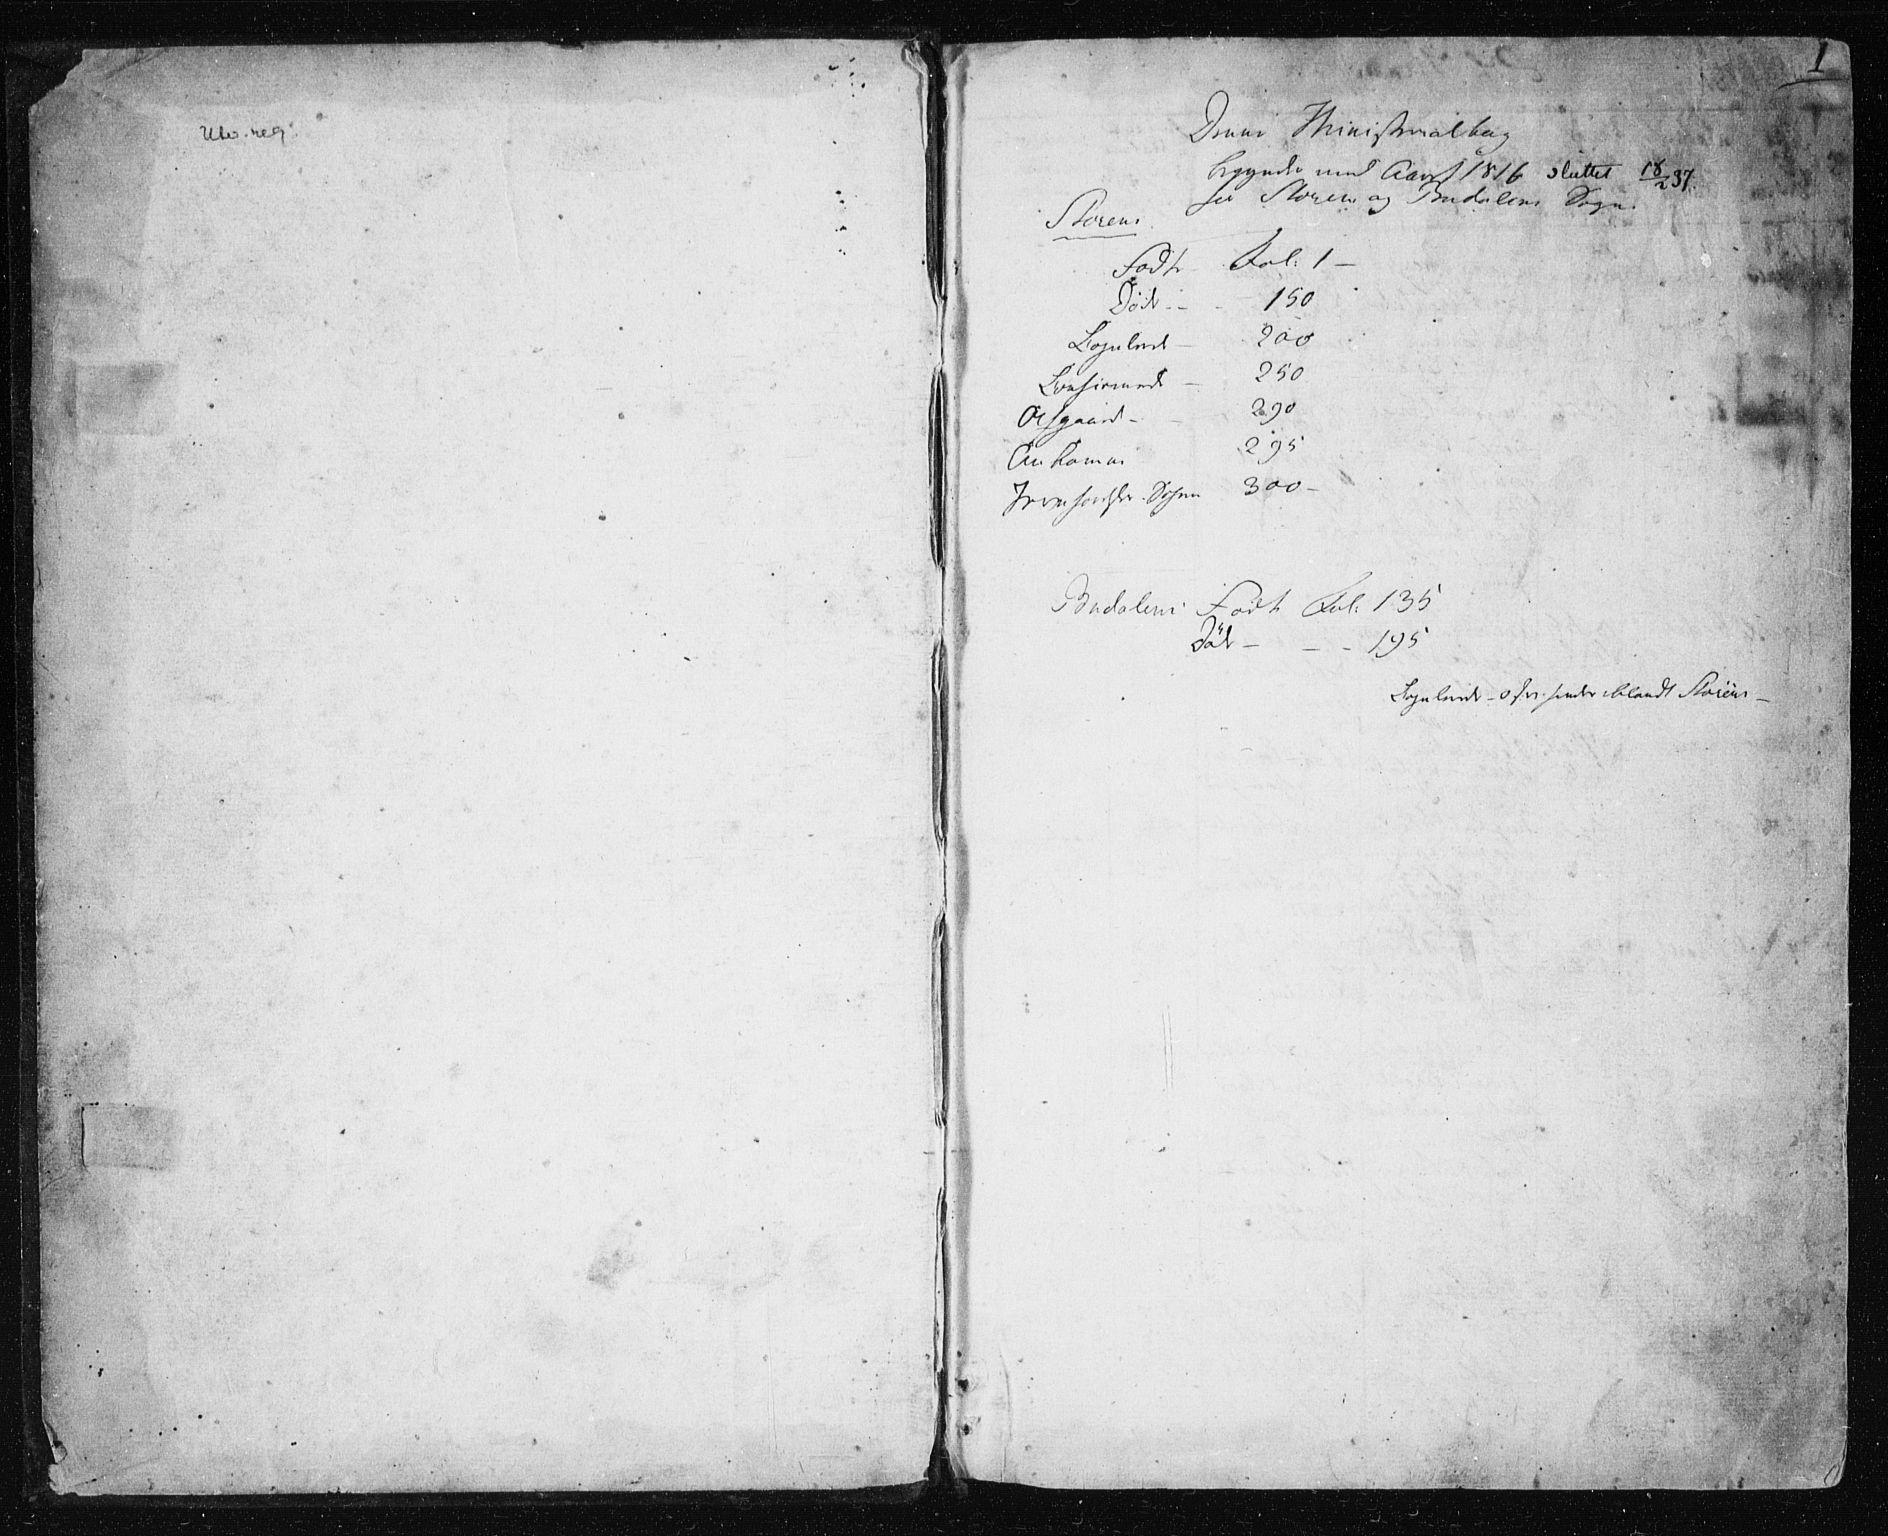 SAT, Ministerialprotokoller, klokkerbøker og fødselsregistre - Sør-Trøndelag, 687/L1017: Klokkerbok nr. 687C01, 1816-1837, s. 1